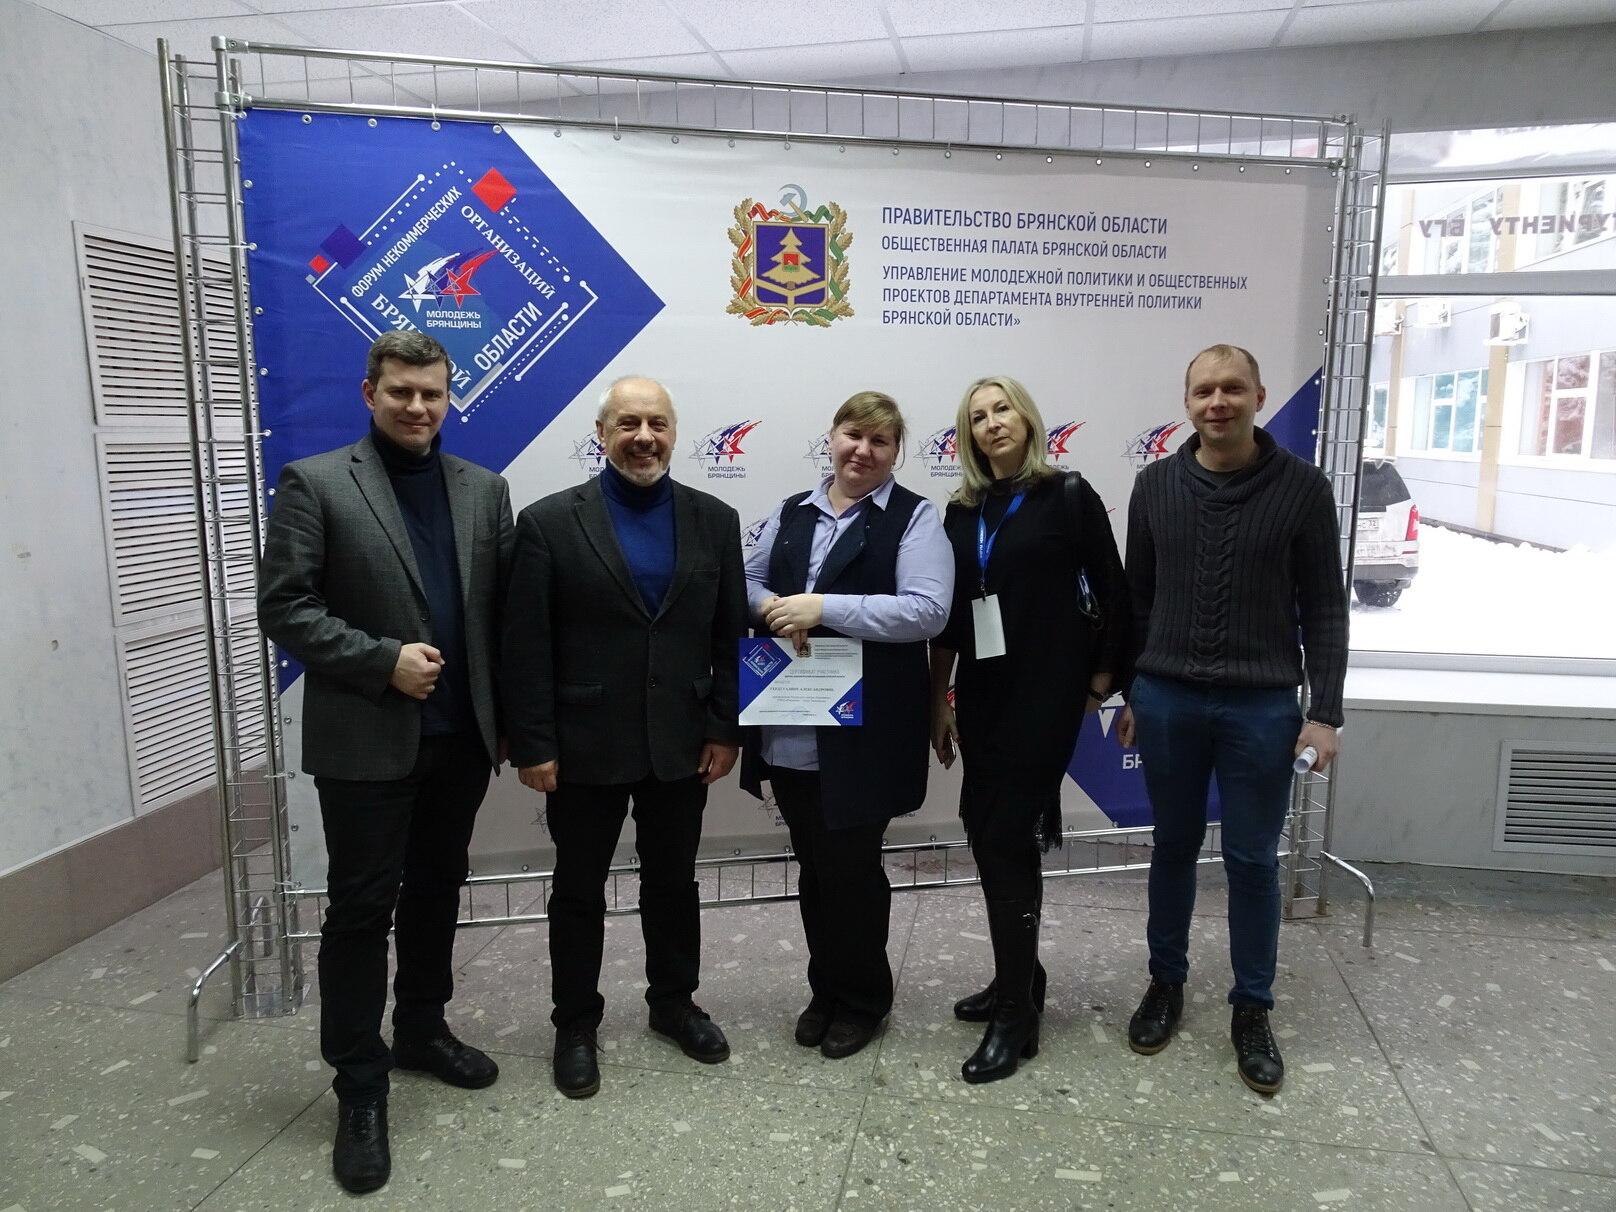 Радимичи приняли участие в итоговом форуме НКО Брянской области